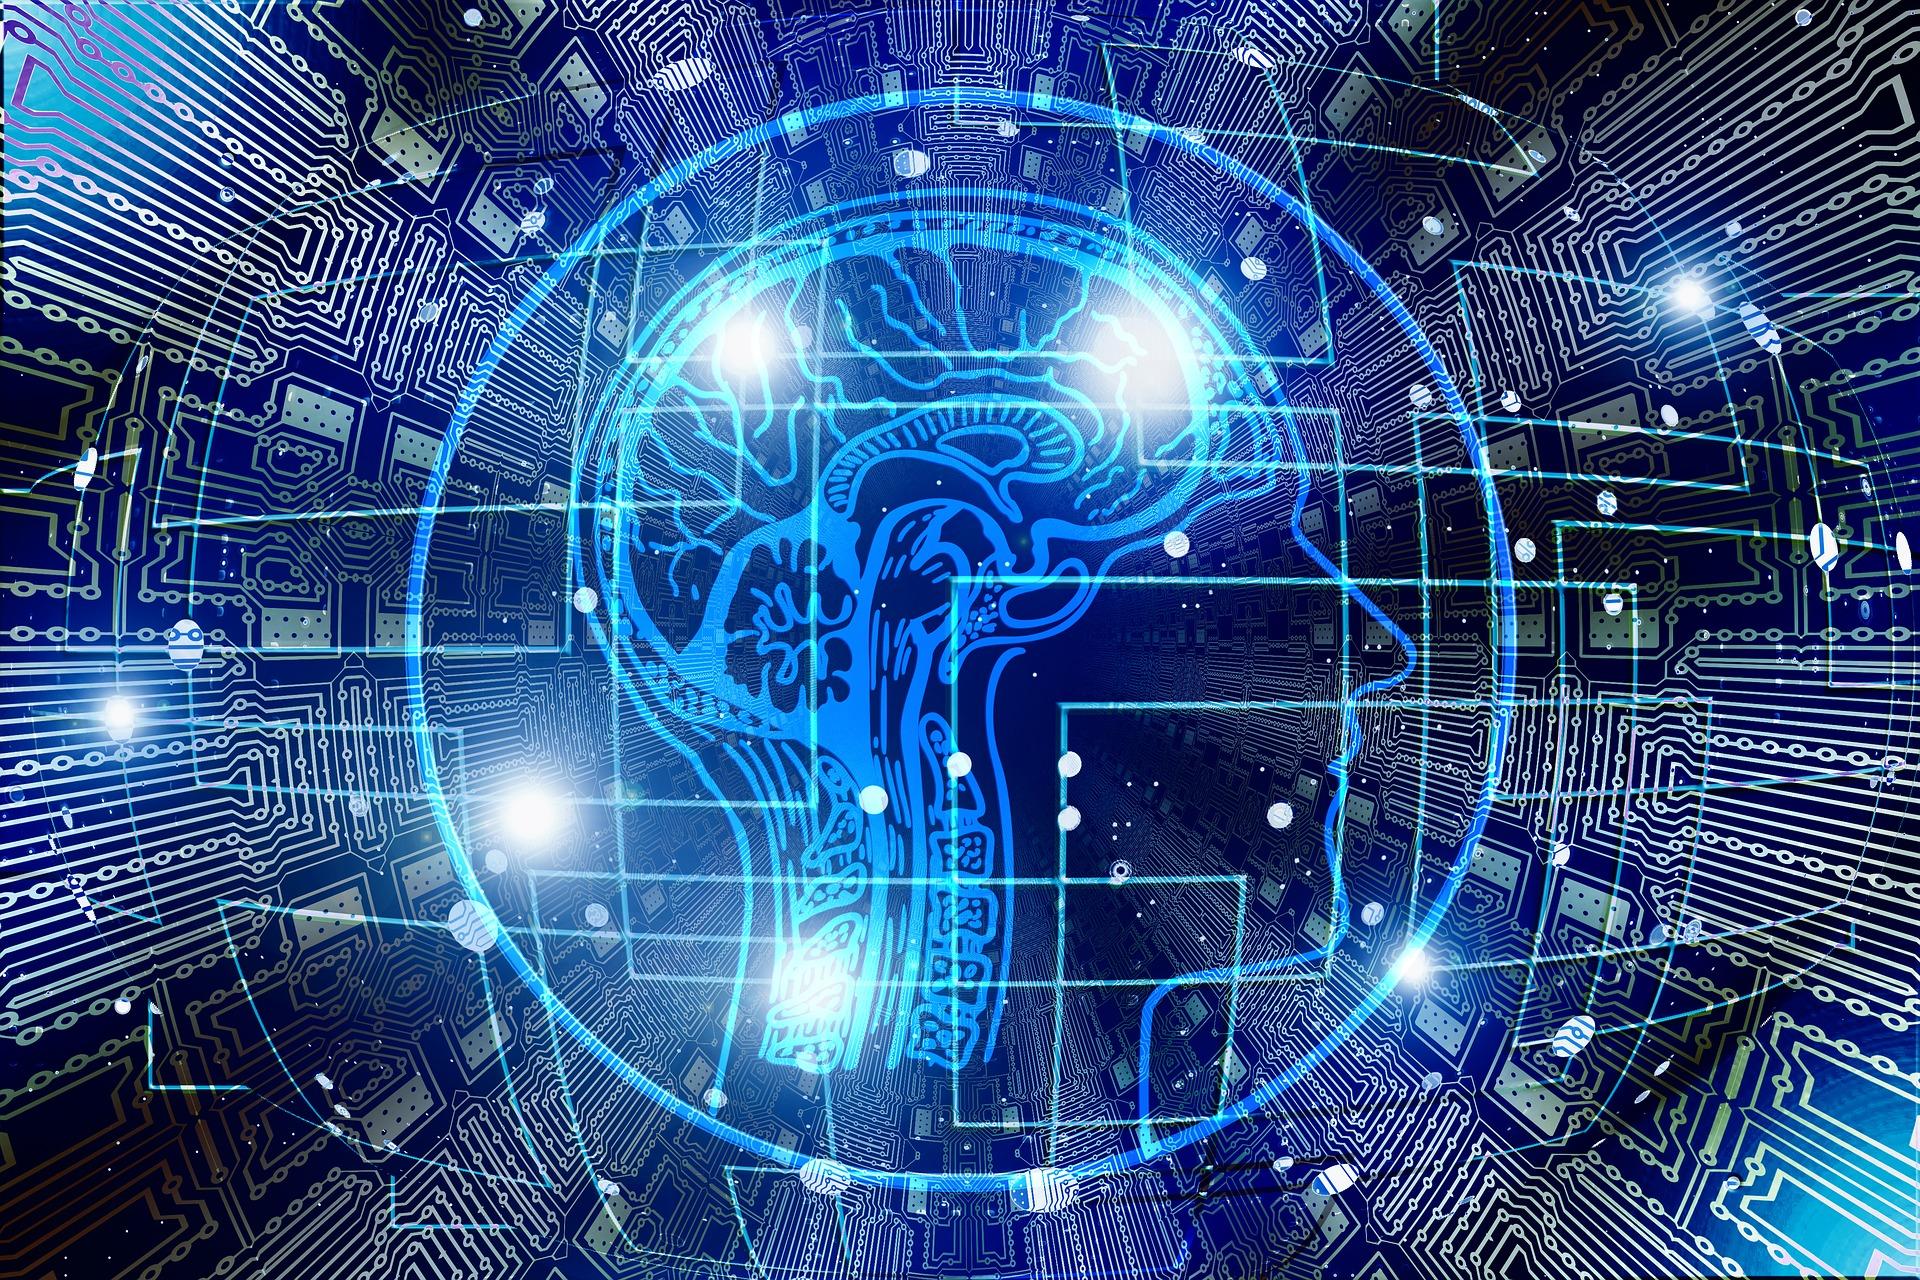 Može li se bez veštačke inteligencije?